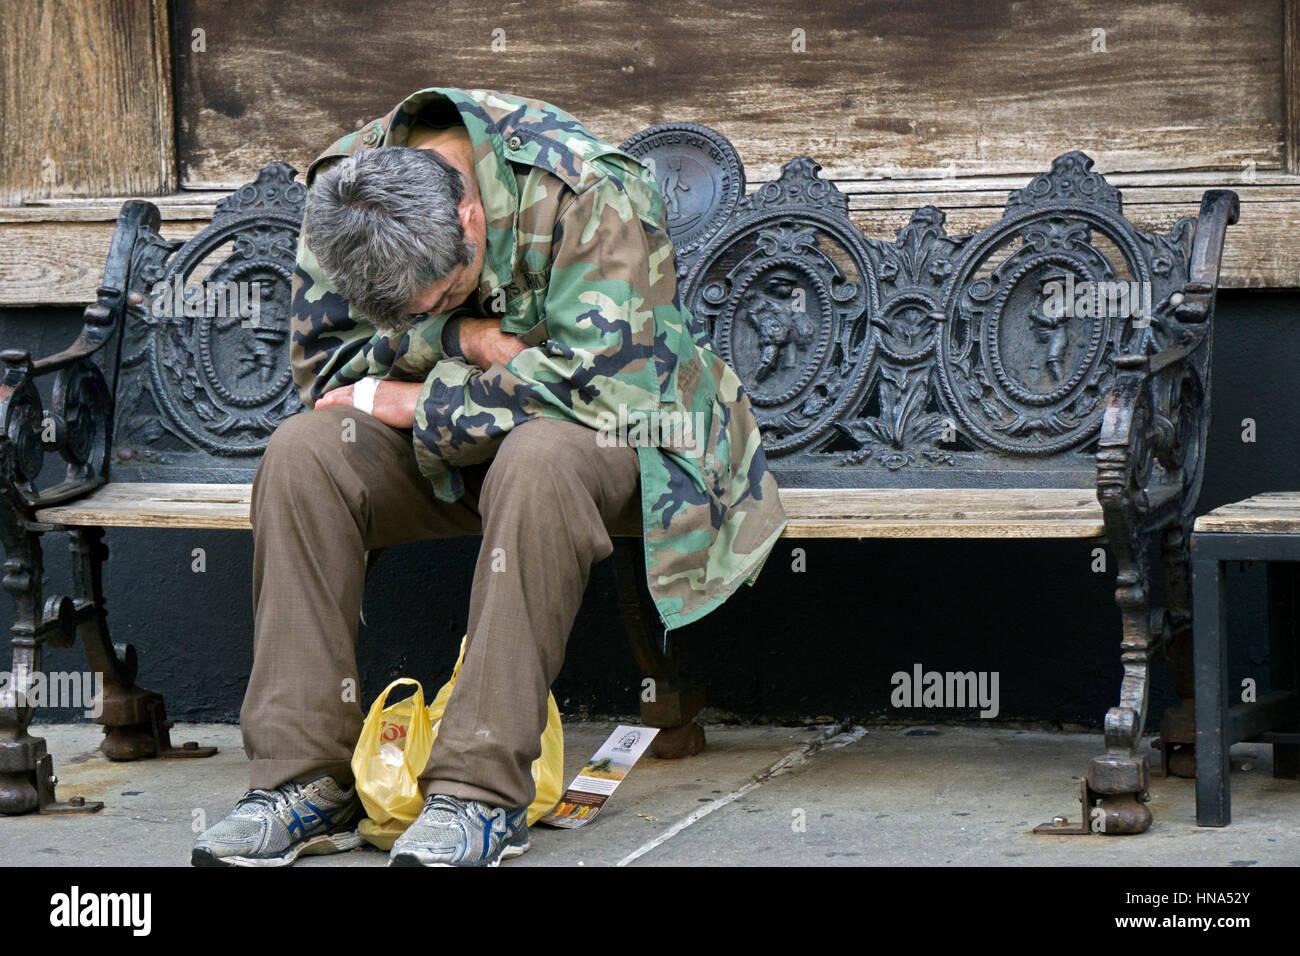 Un hombre de mediana edad anónimo - posiblemente un veterano - sentado con angustia el lenguaje corporal en Imagen De Stock